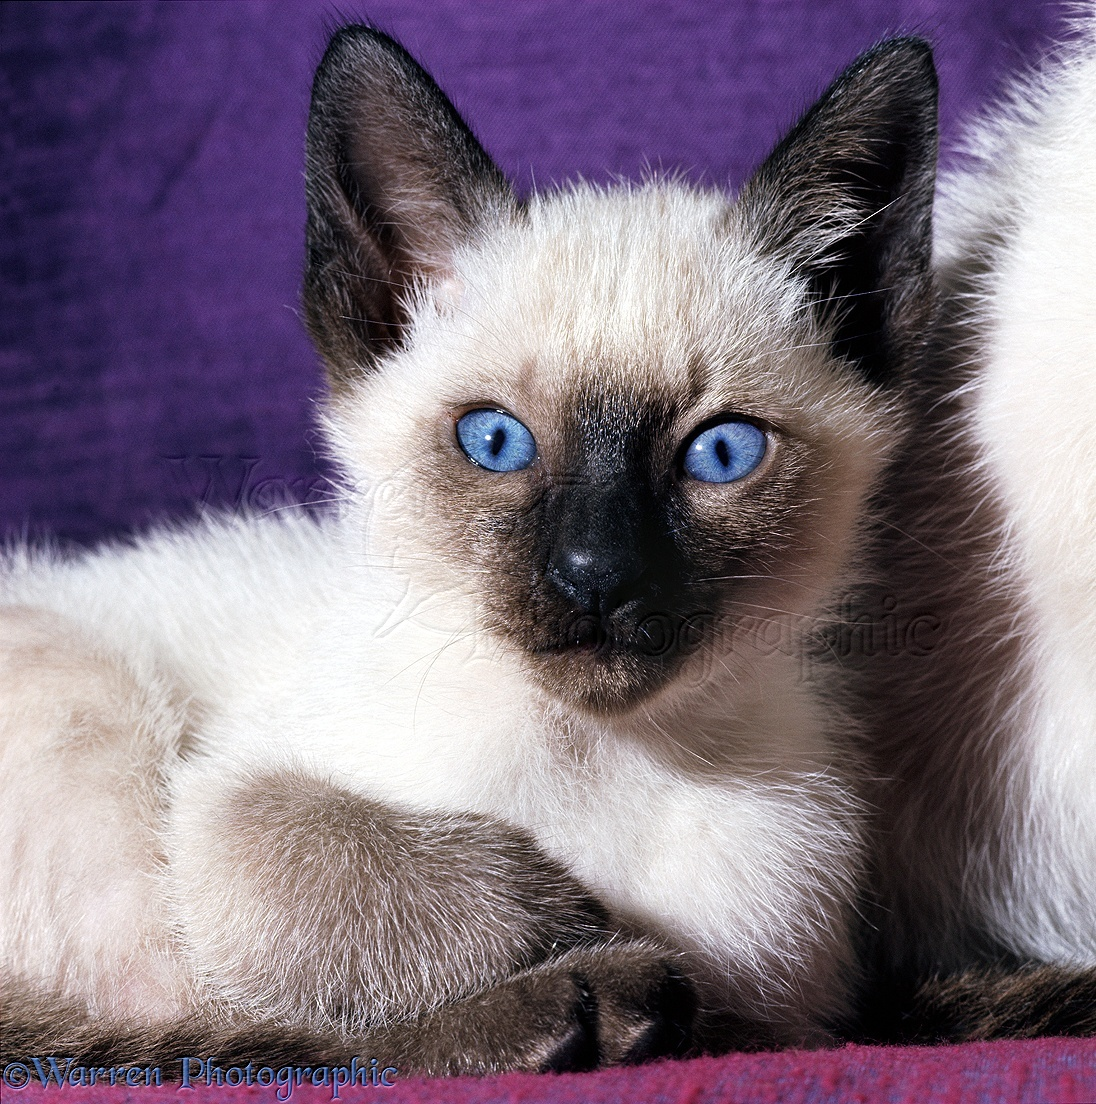 Blue-eyed kitten